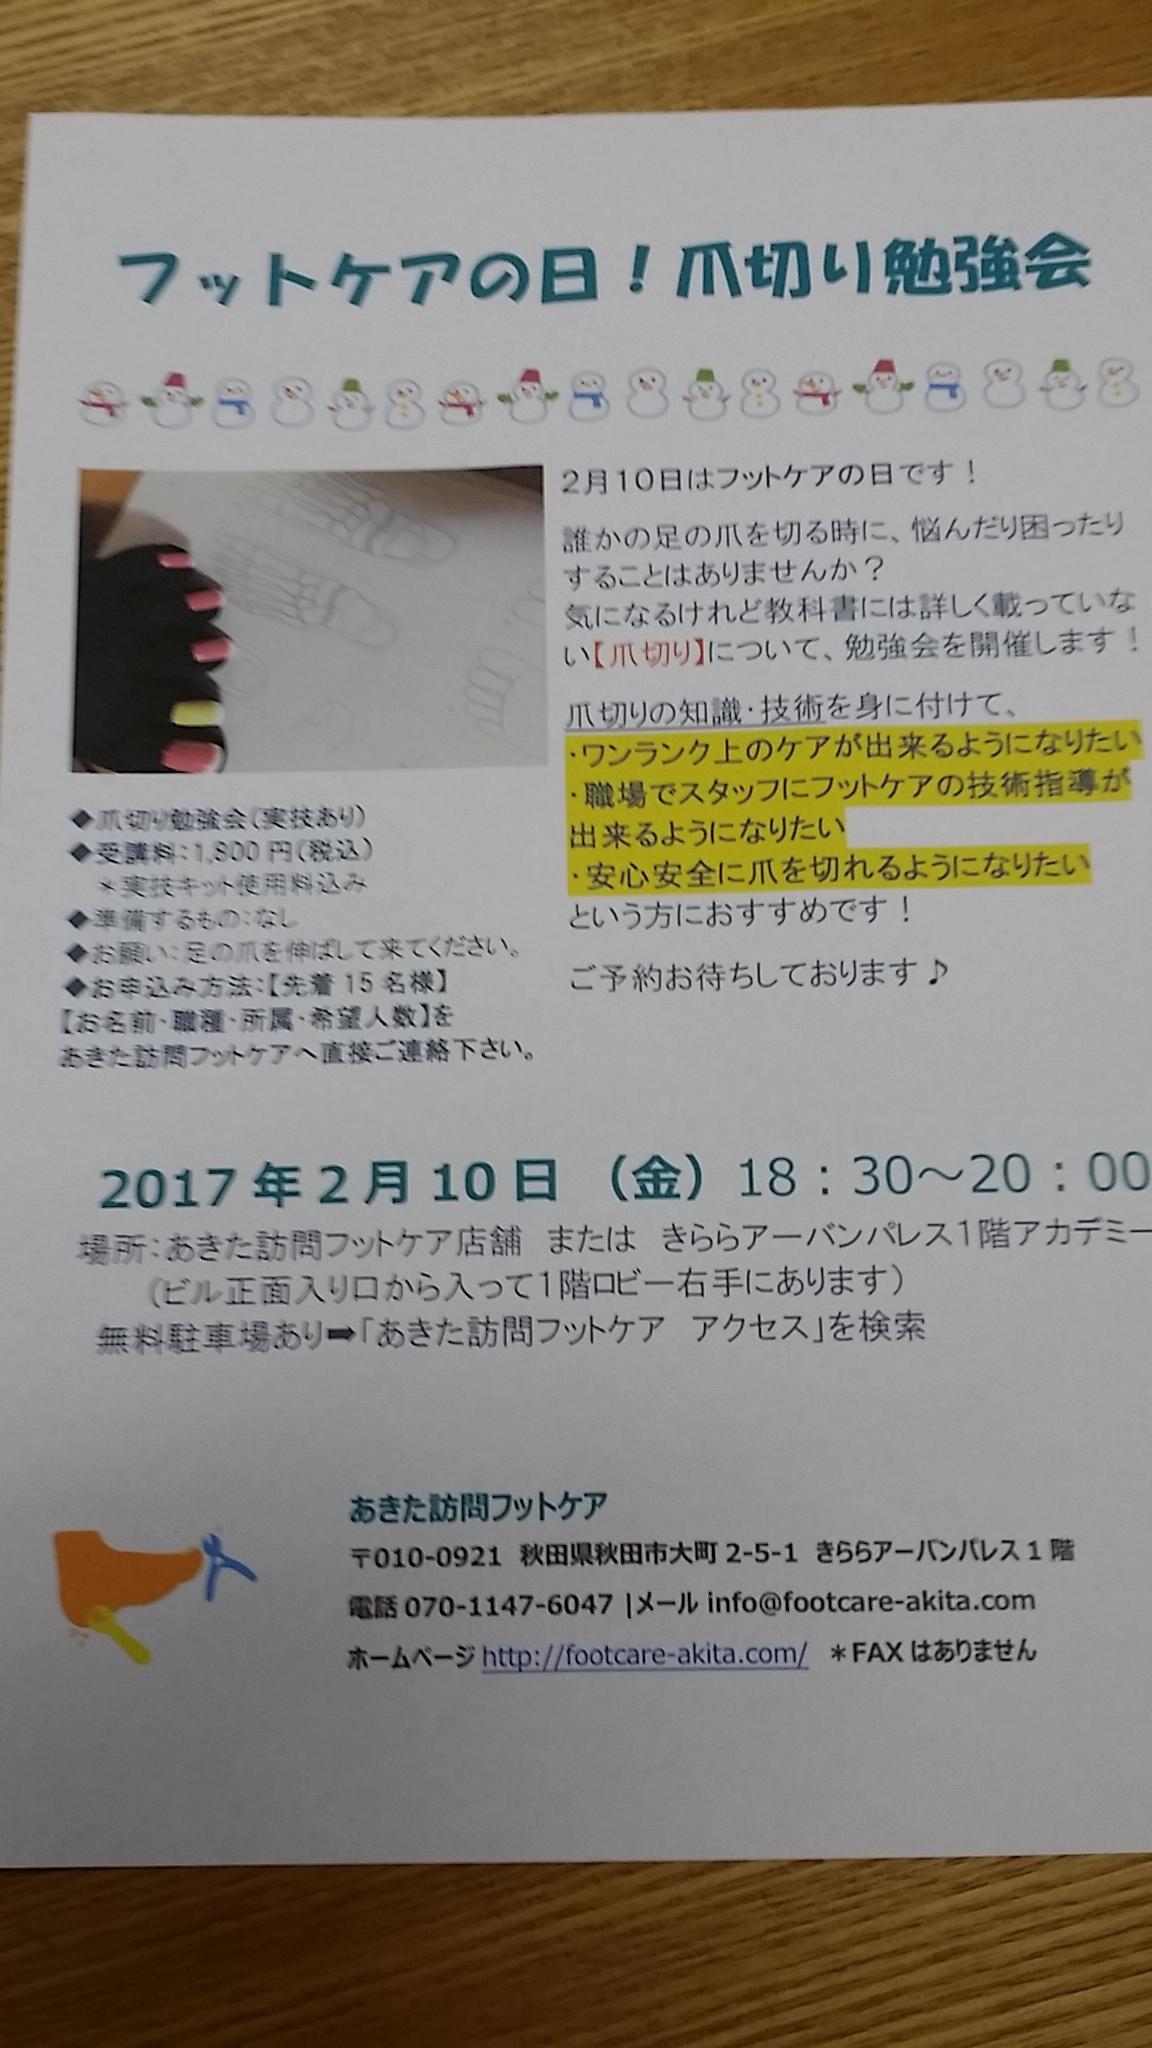 20170202151541234.jpg